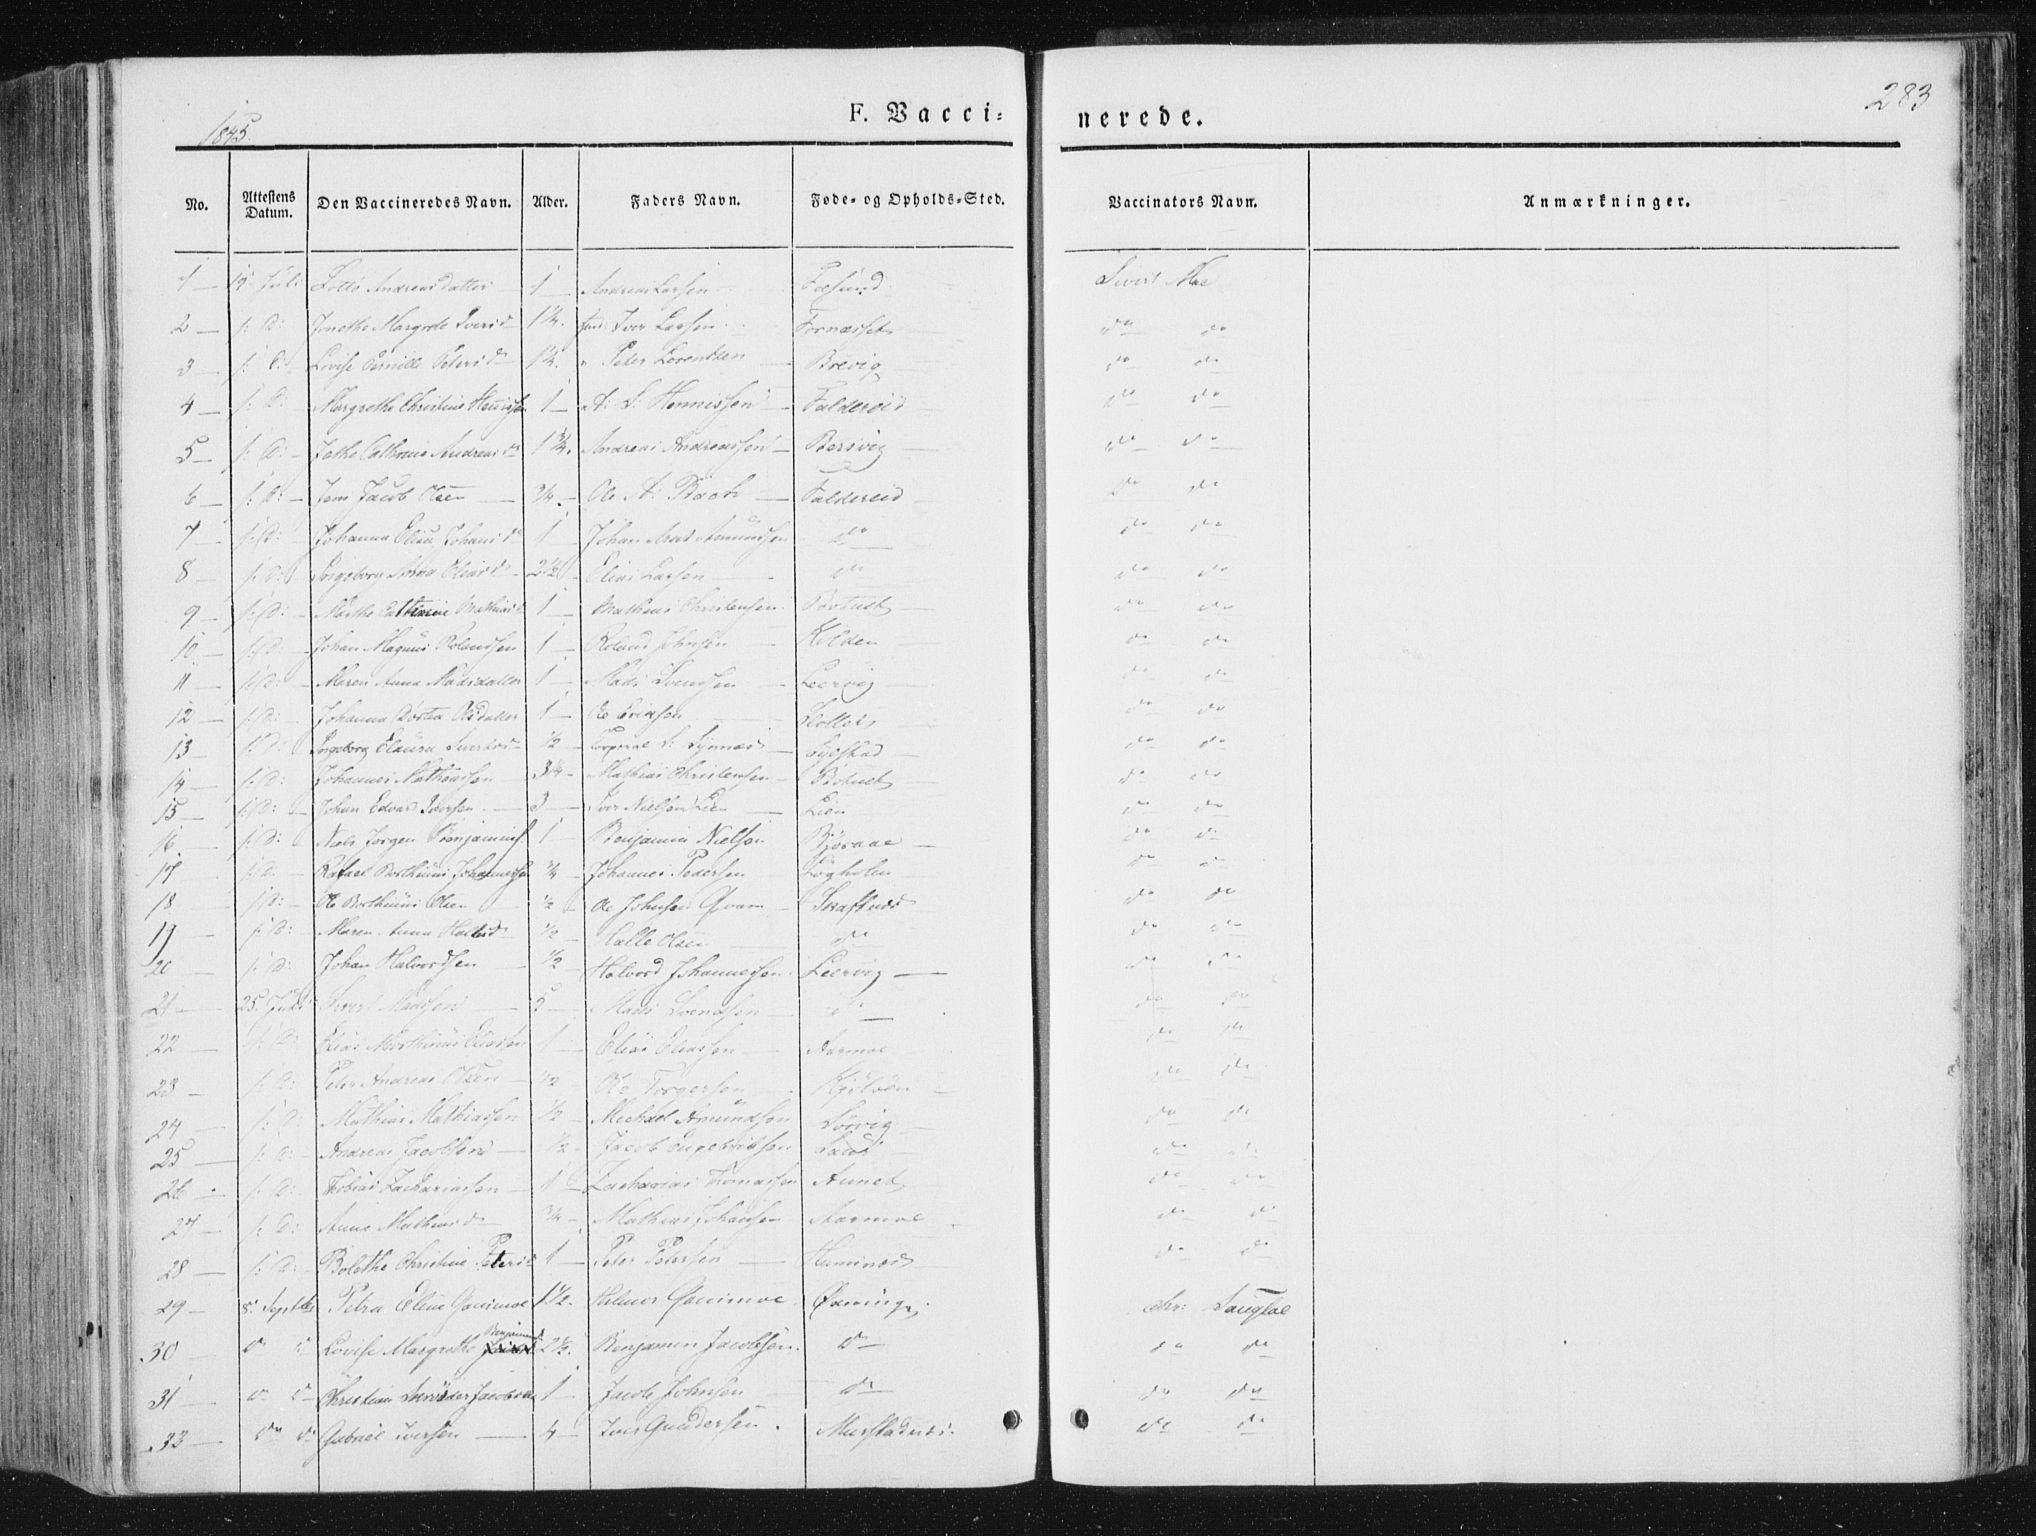 SAT, Ministerialprotokoller, klokkerbøker og fødselsregistre - Nord-Trøndelag, 780/L0640: Ministerialbok nr. 780A05, 1845-1856, s. 283